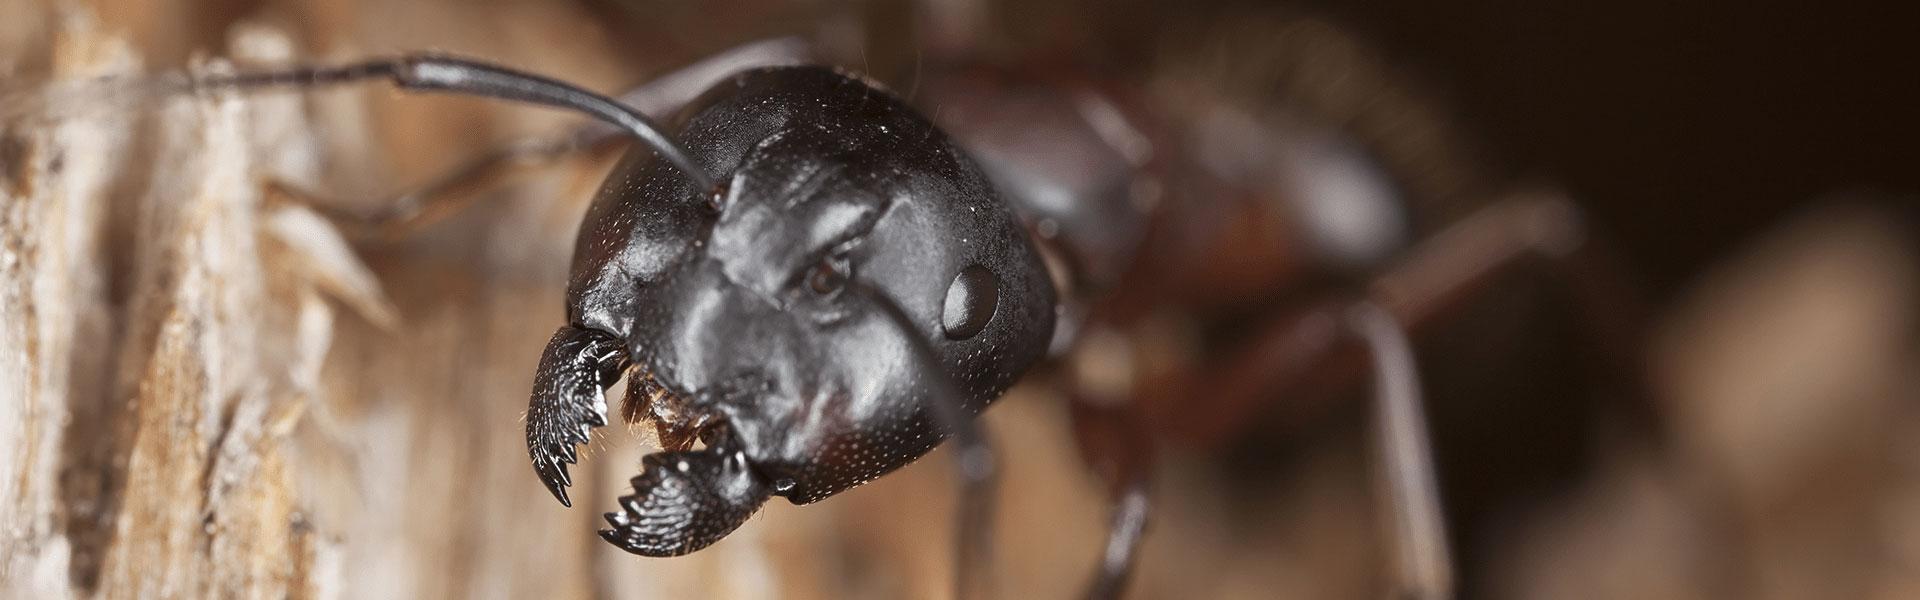 carpenter ant showing destructive mandible